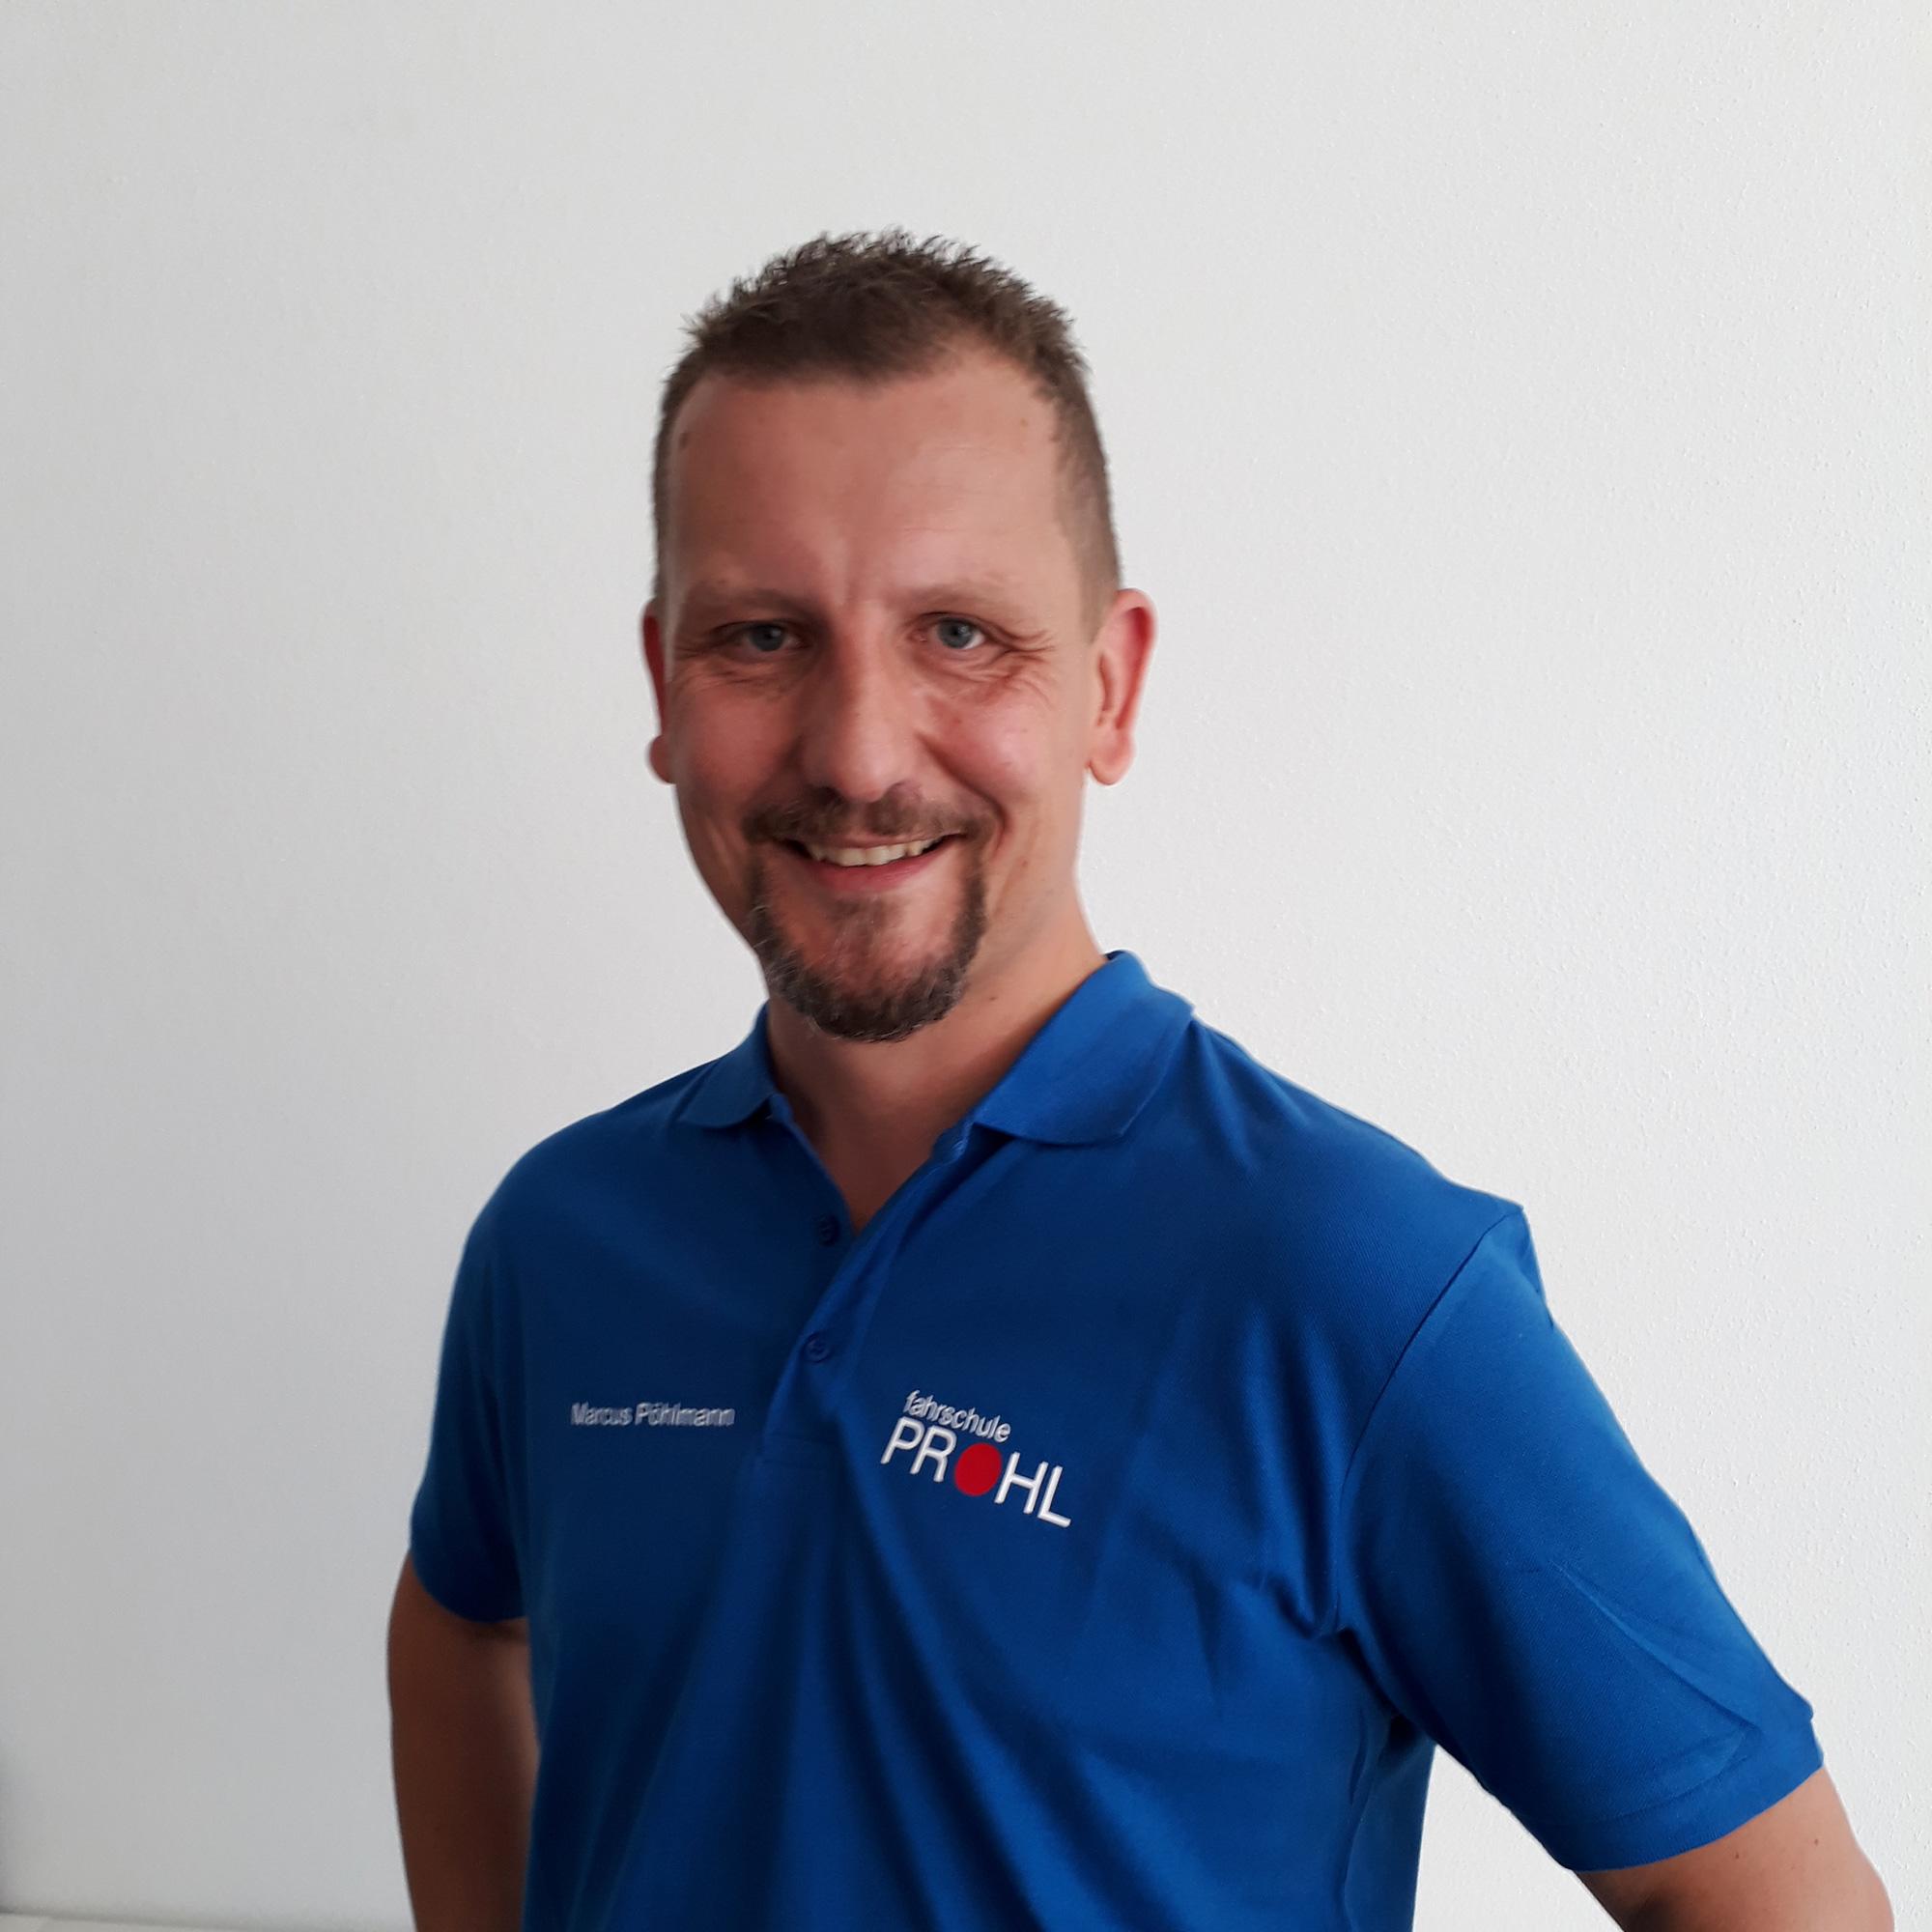 Markus Pöhlmann